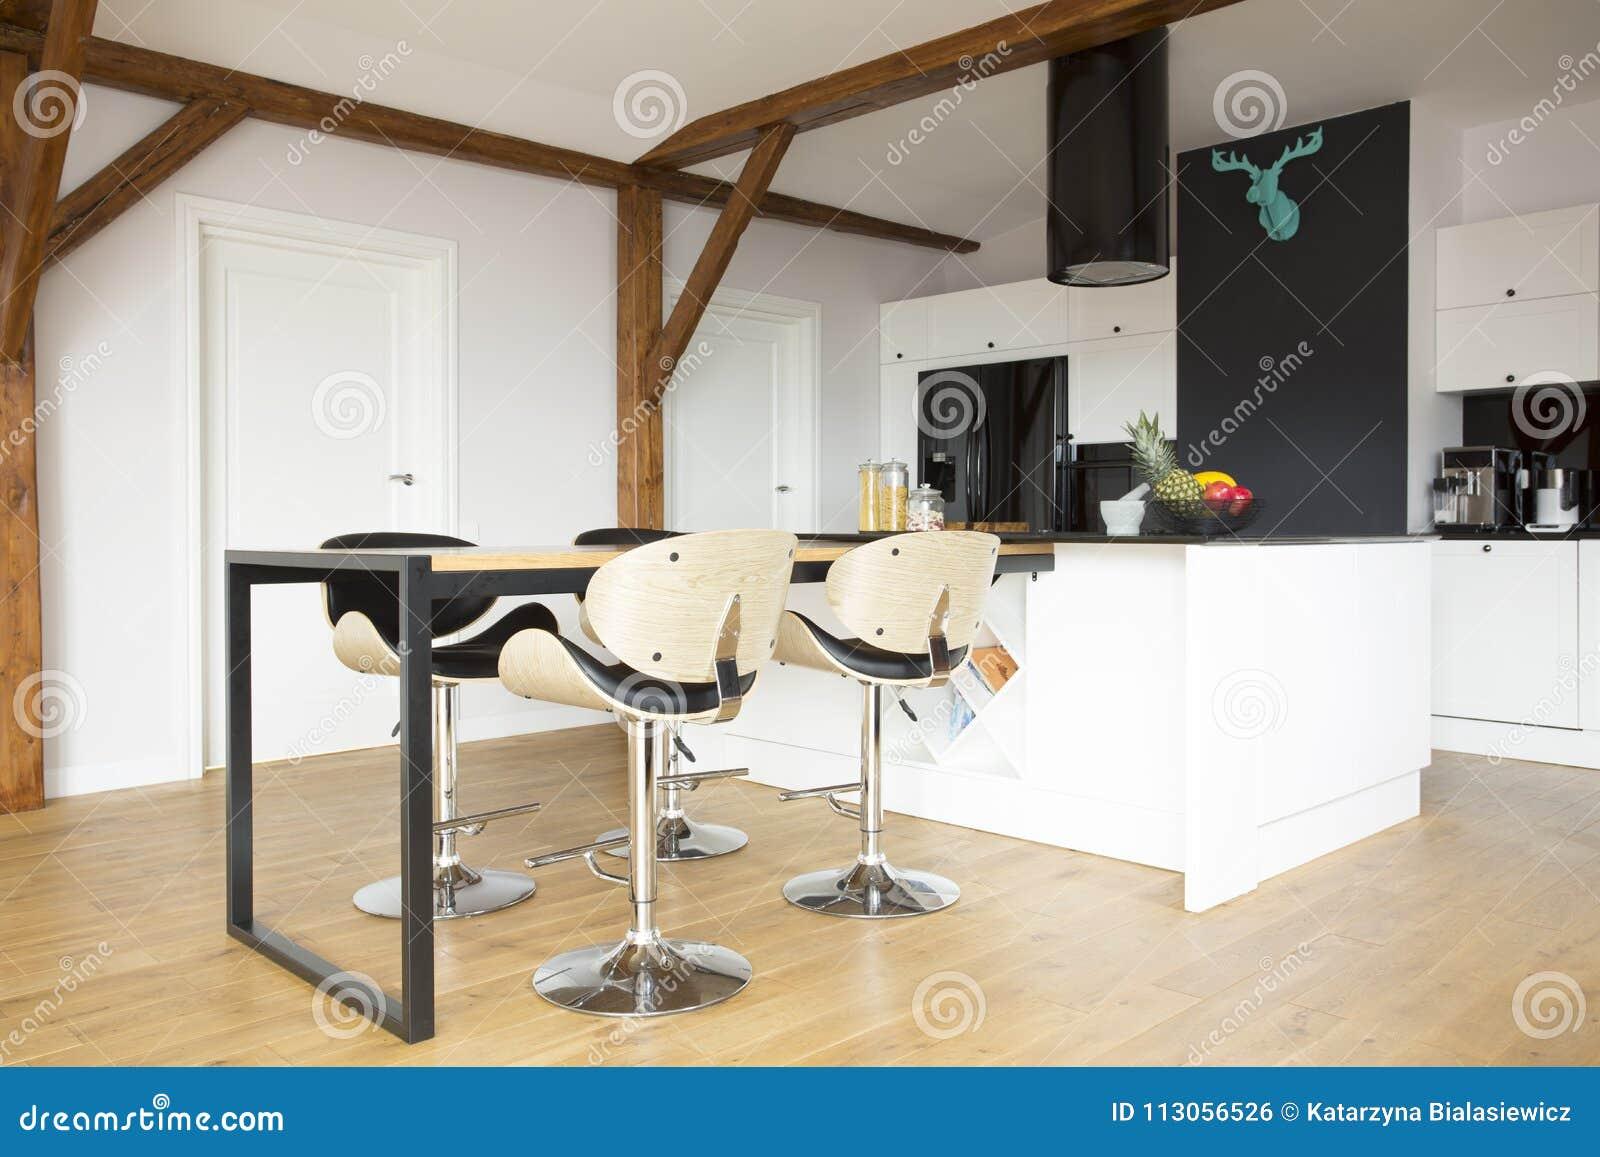 Sgabelli da bar in cucina moderna fotografia stock immagine di